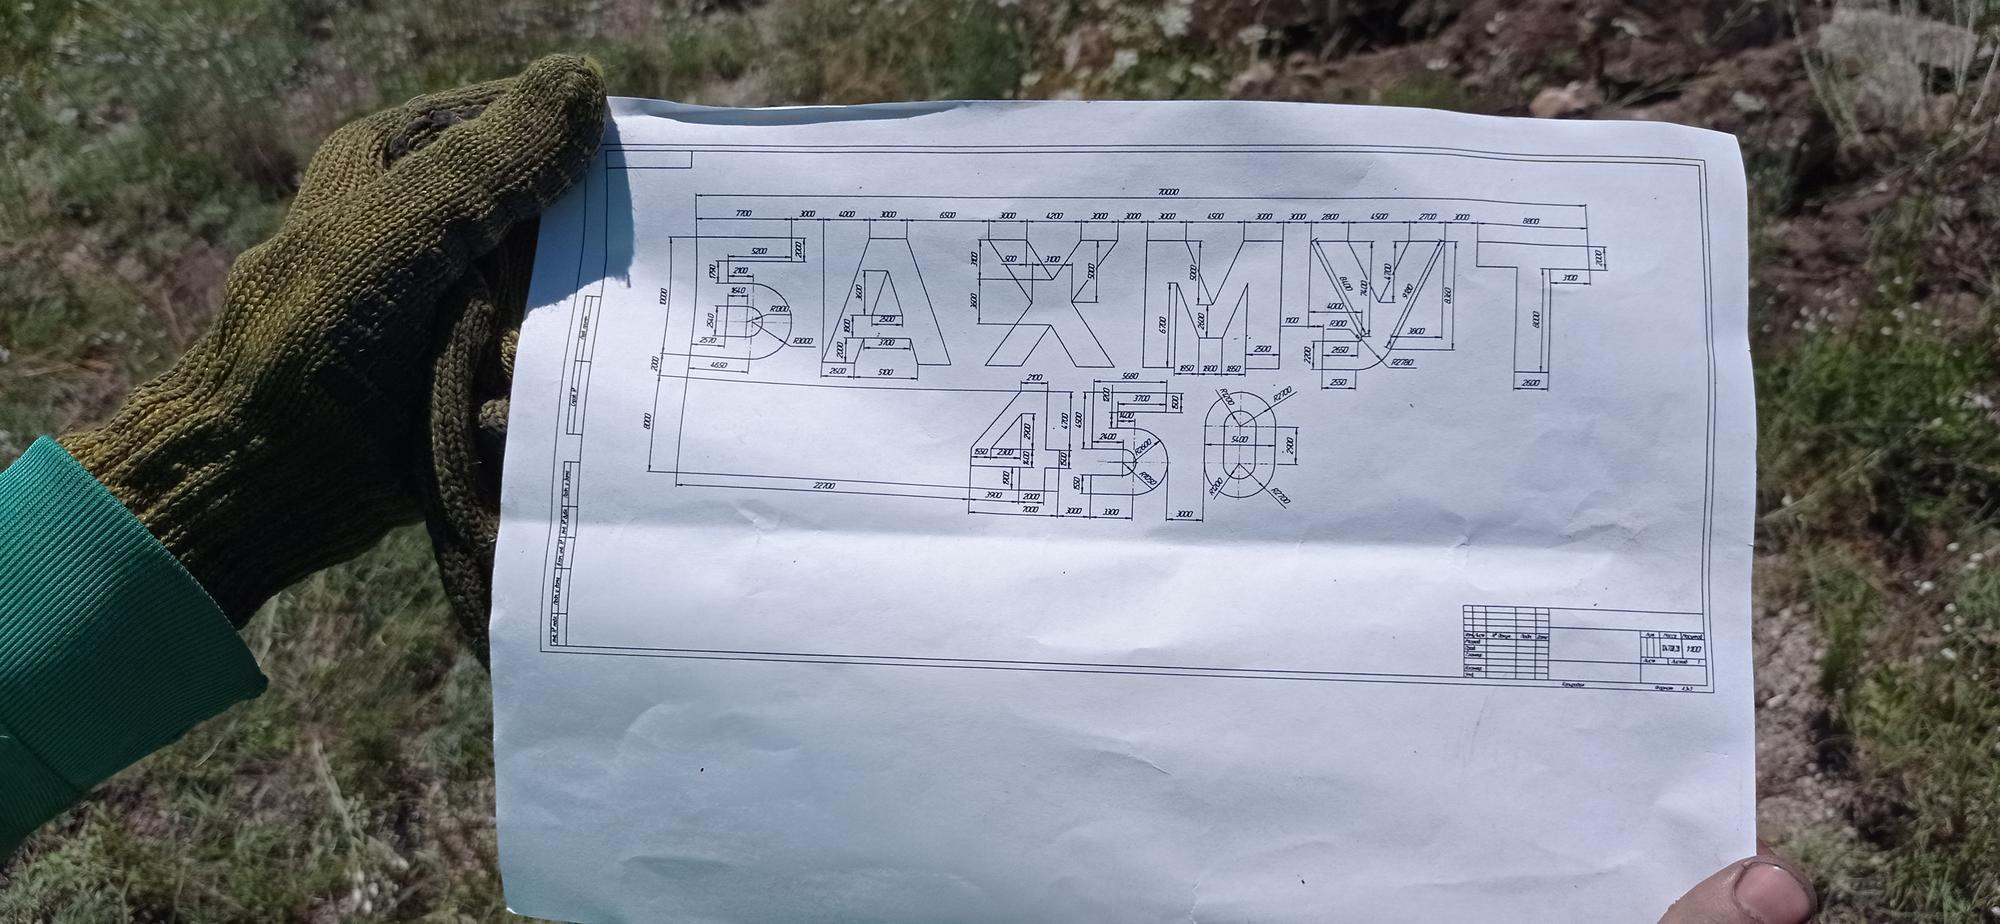 креслення Бахмут 450 літери до ювілея міста